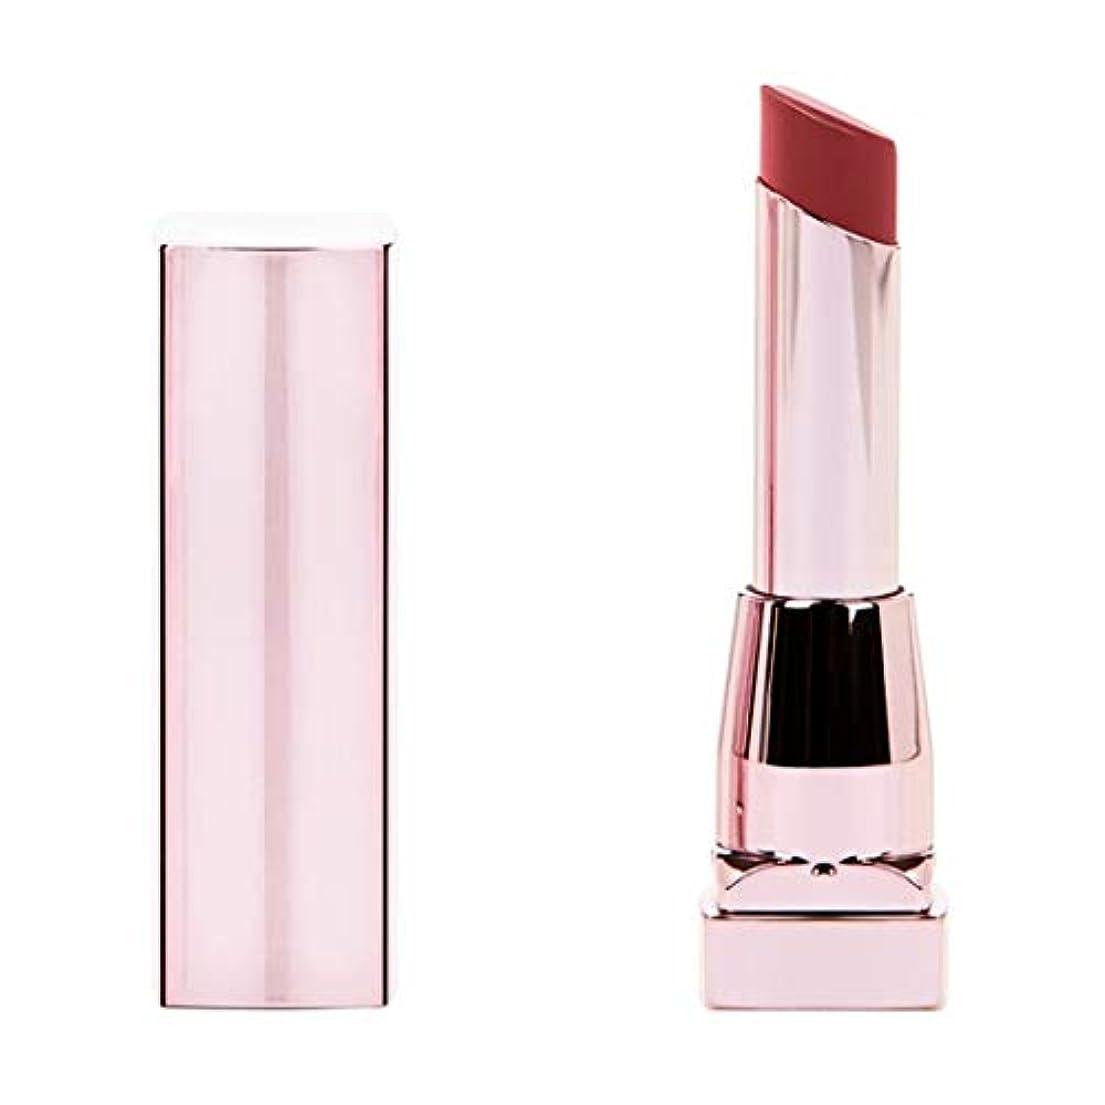 スクラッチ固執毒(6 Pack) MAYBELLINE Color Sensational Shine Compulsion Lipstick - Scarlet Flame 090 (並行輸入品)